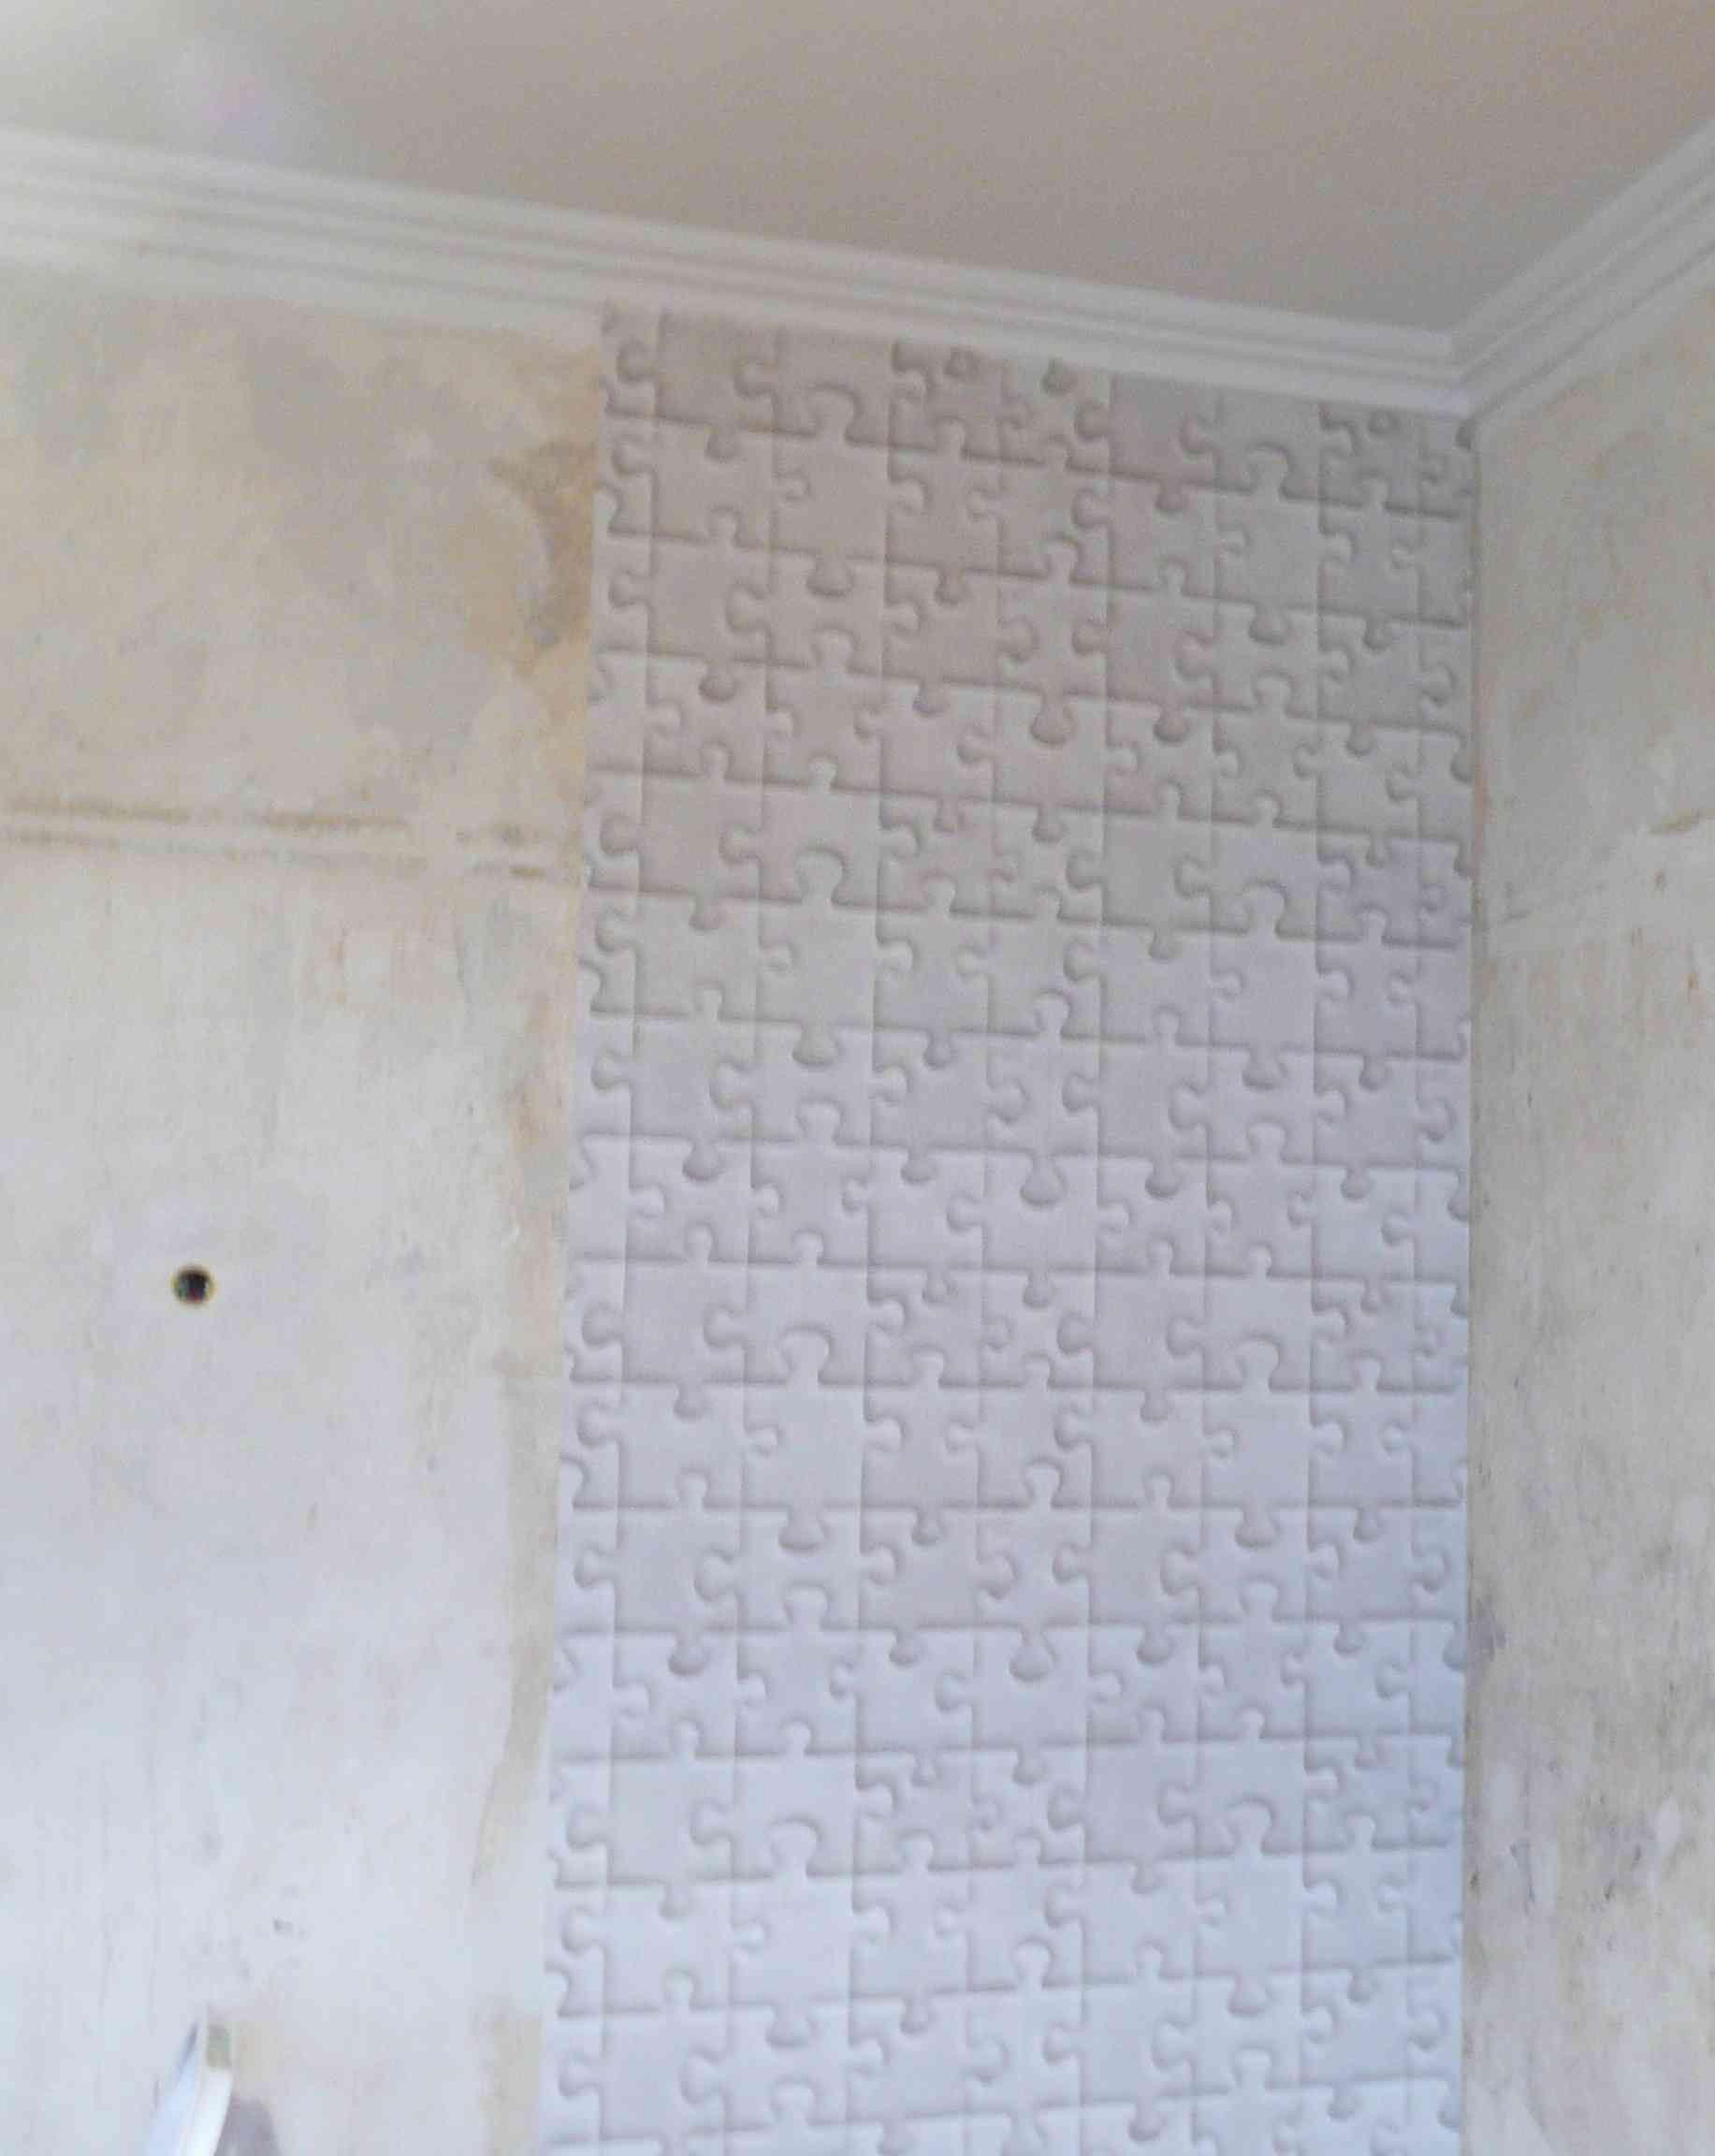 Papier Peint Tete De Lit Leroy Merlin Bel Papier Peint Trompe L Oeil Tete De Lit D Coration Murale Trompe L